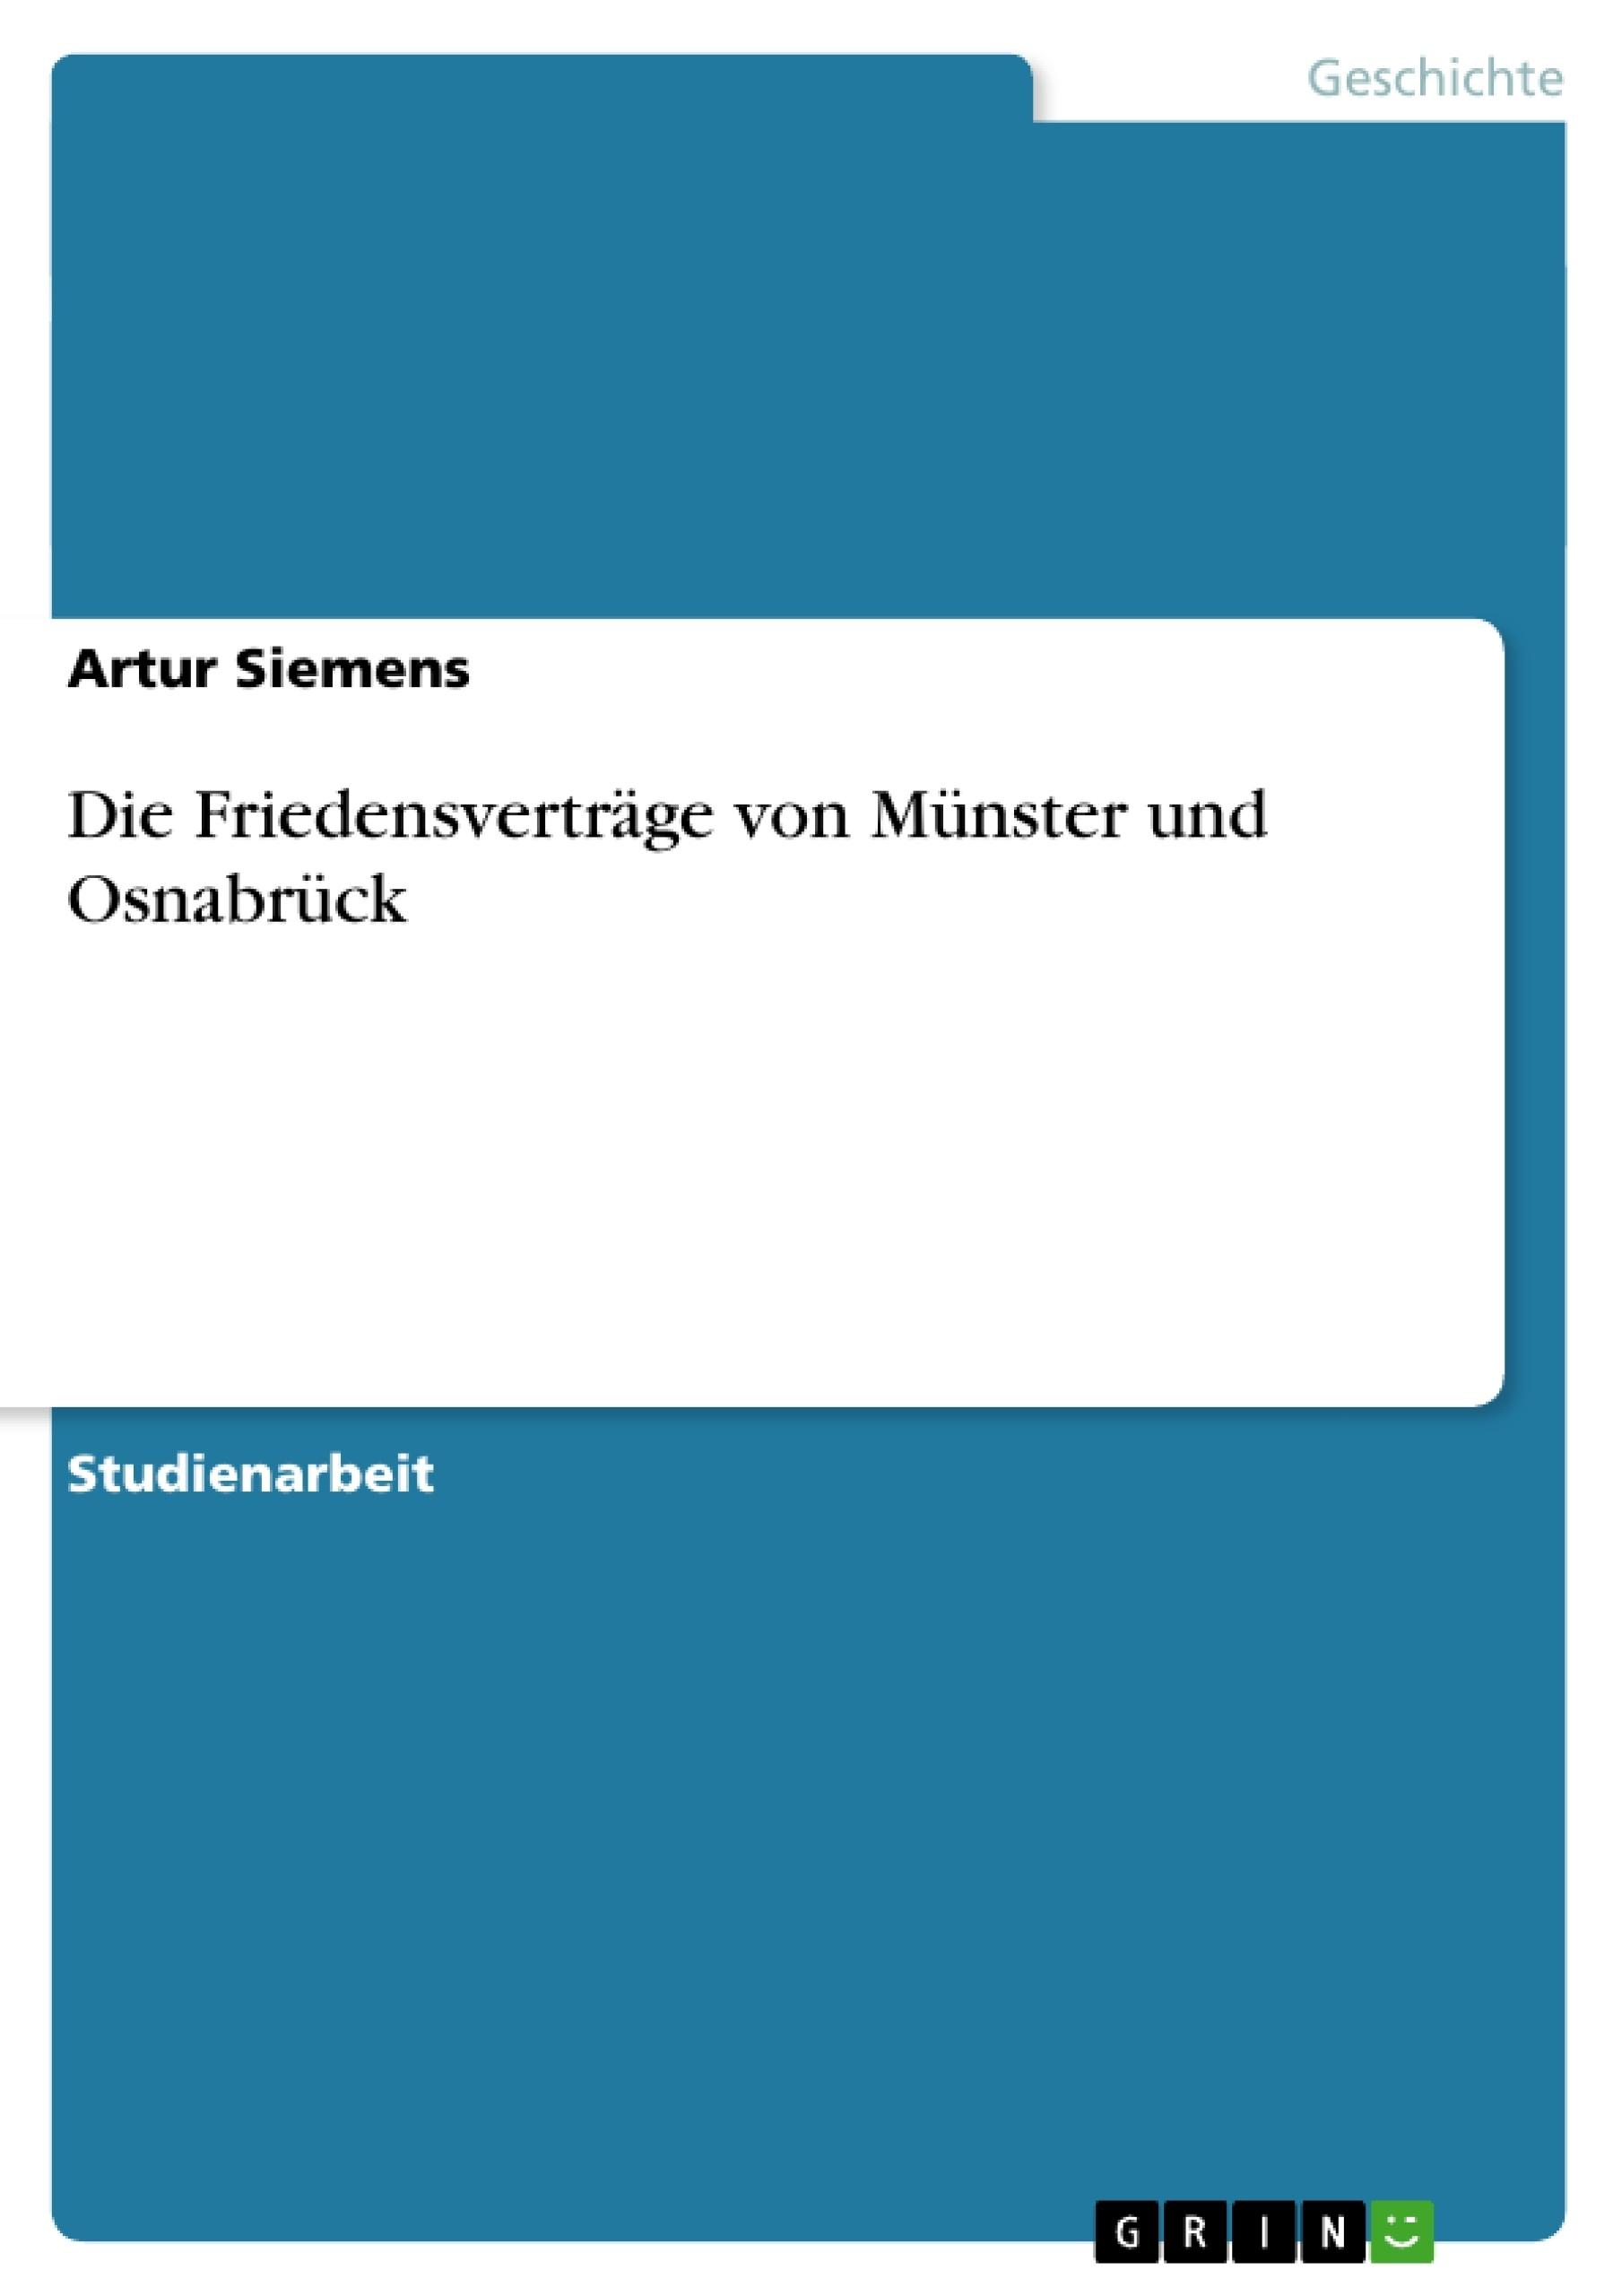 Titel: Die Friedensverträge von Münster und Osnabrück